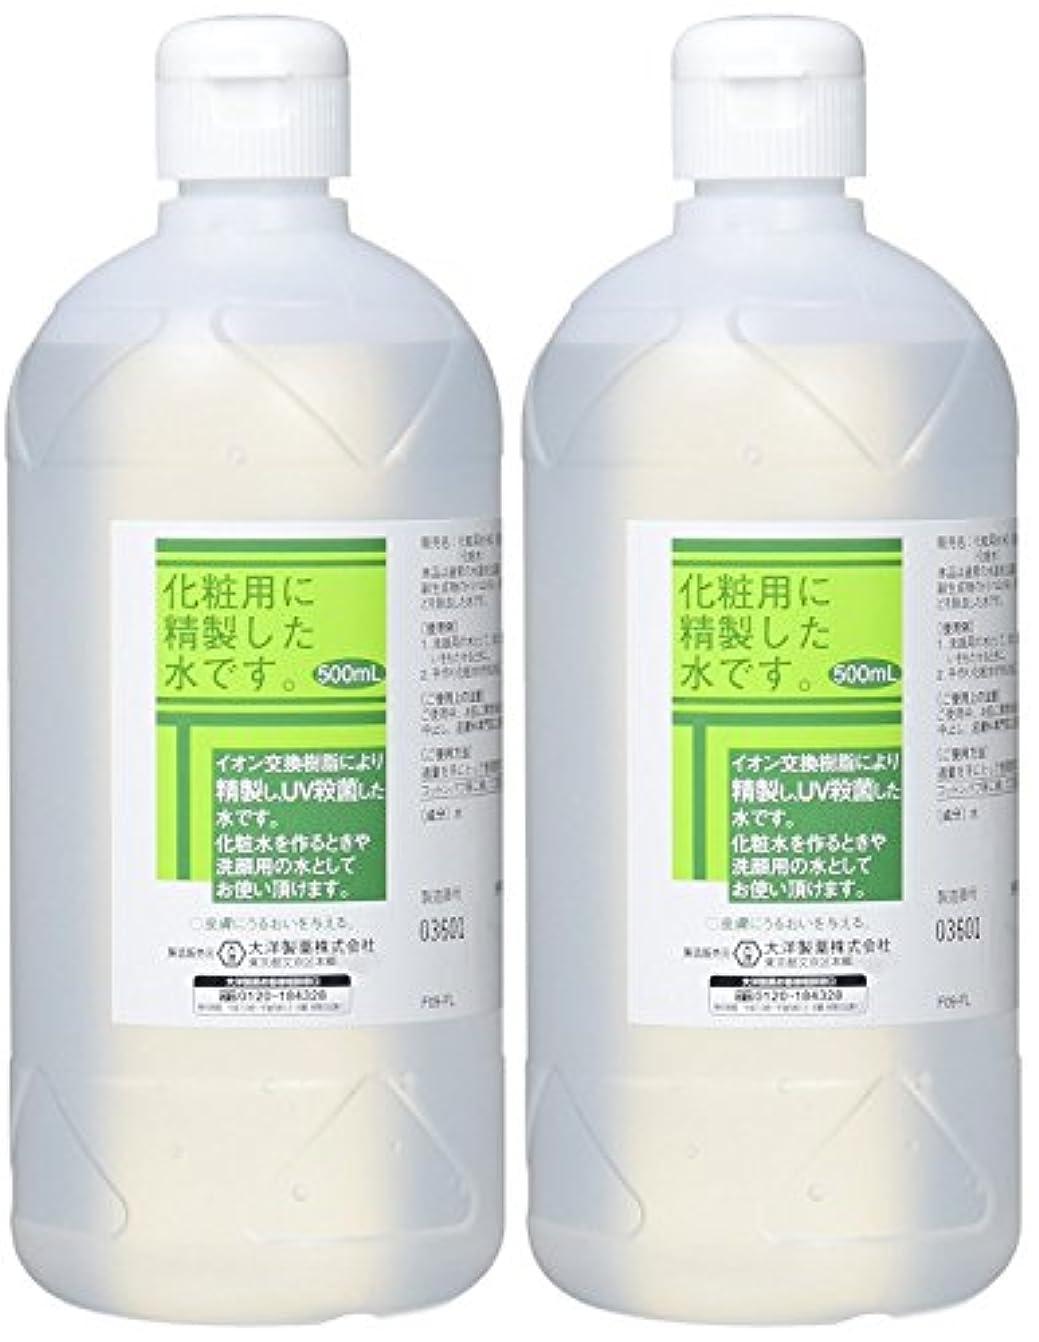 縮約推定二度化粧用 精製水 HG 500ml×2個